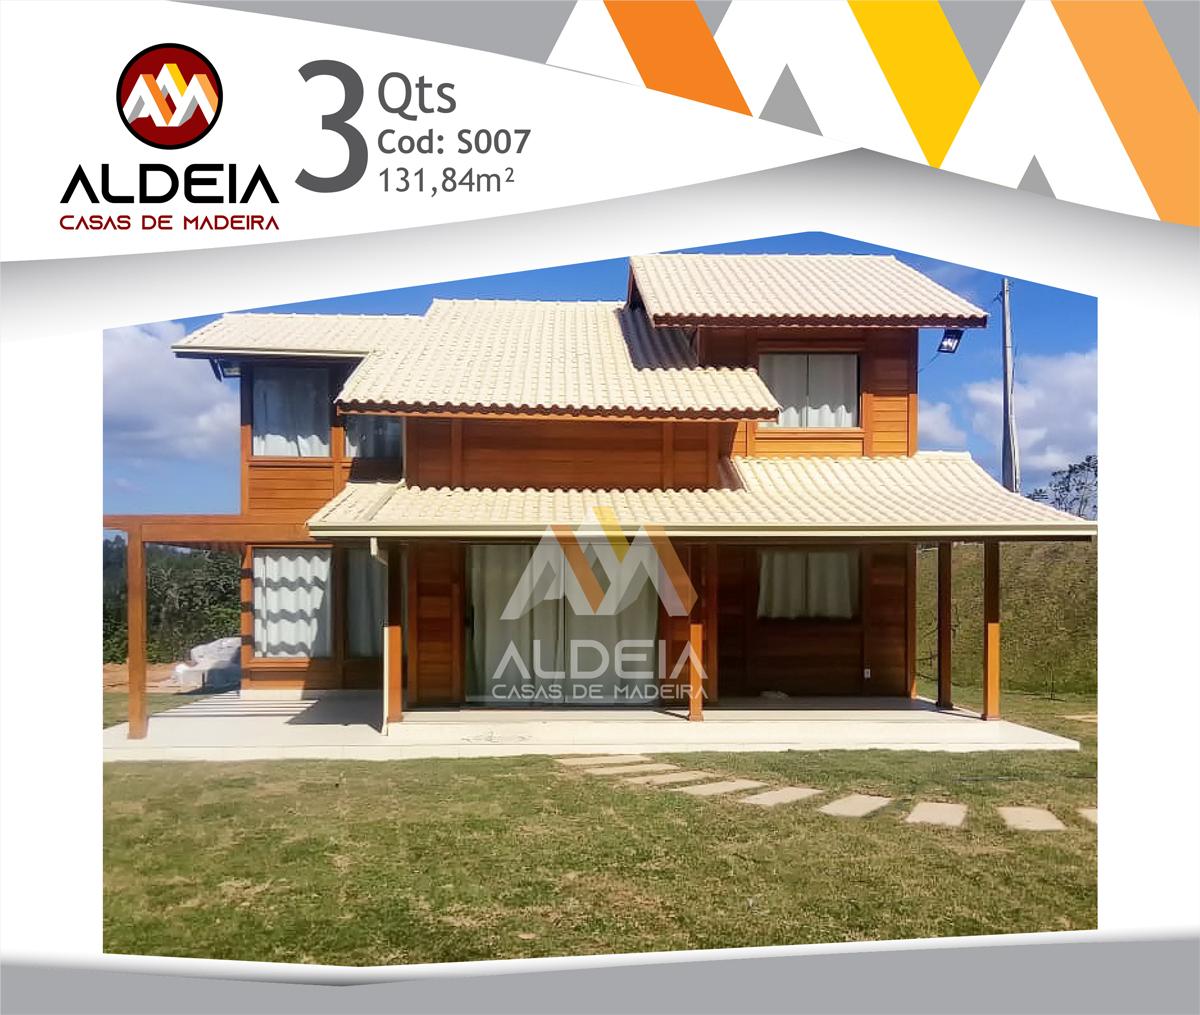 aldeia-casas-madeira-fachada-S007